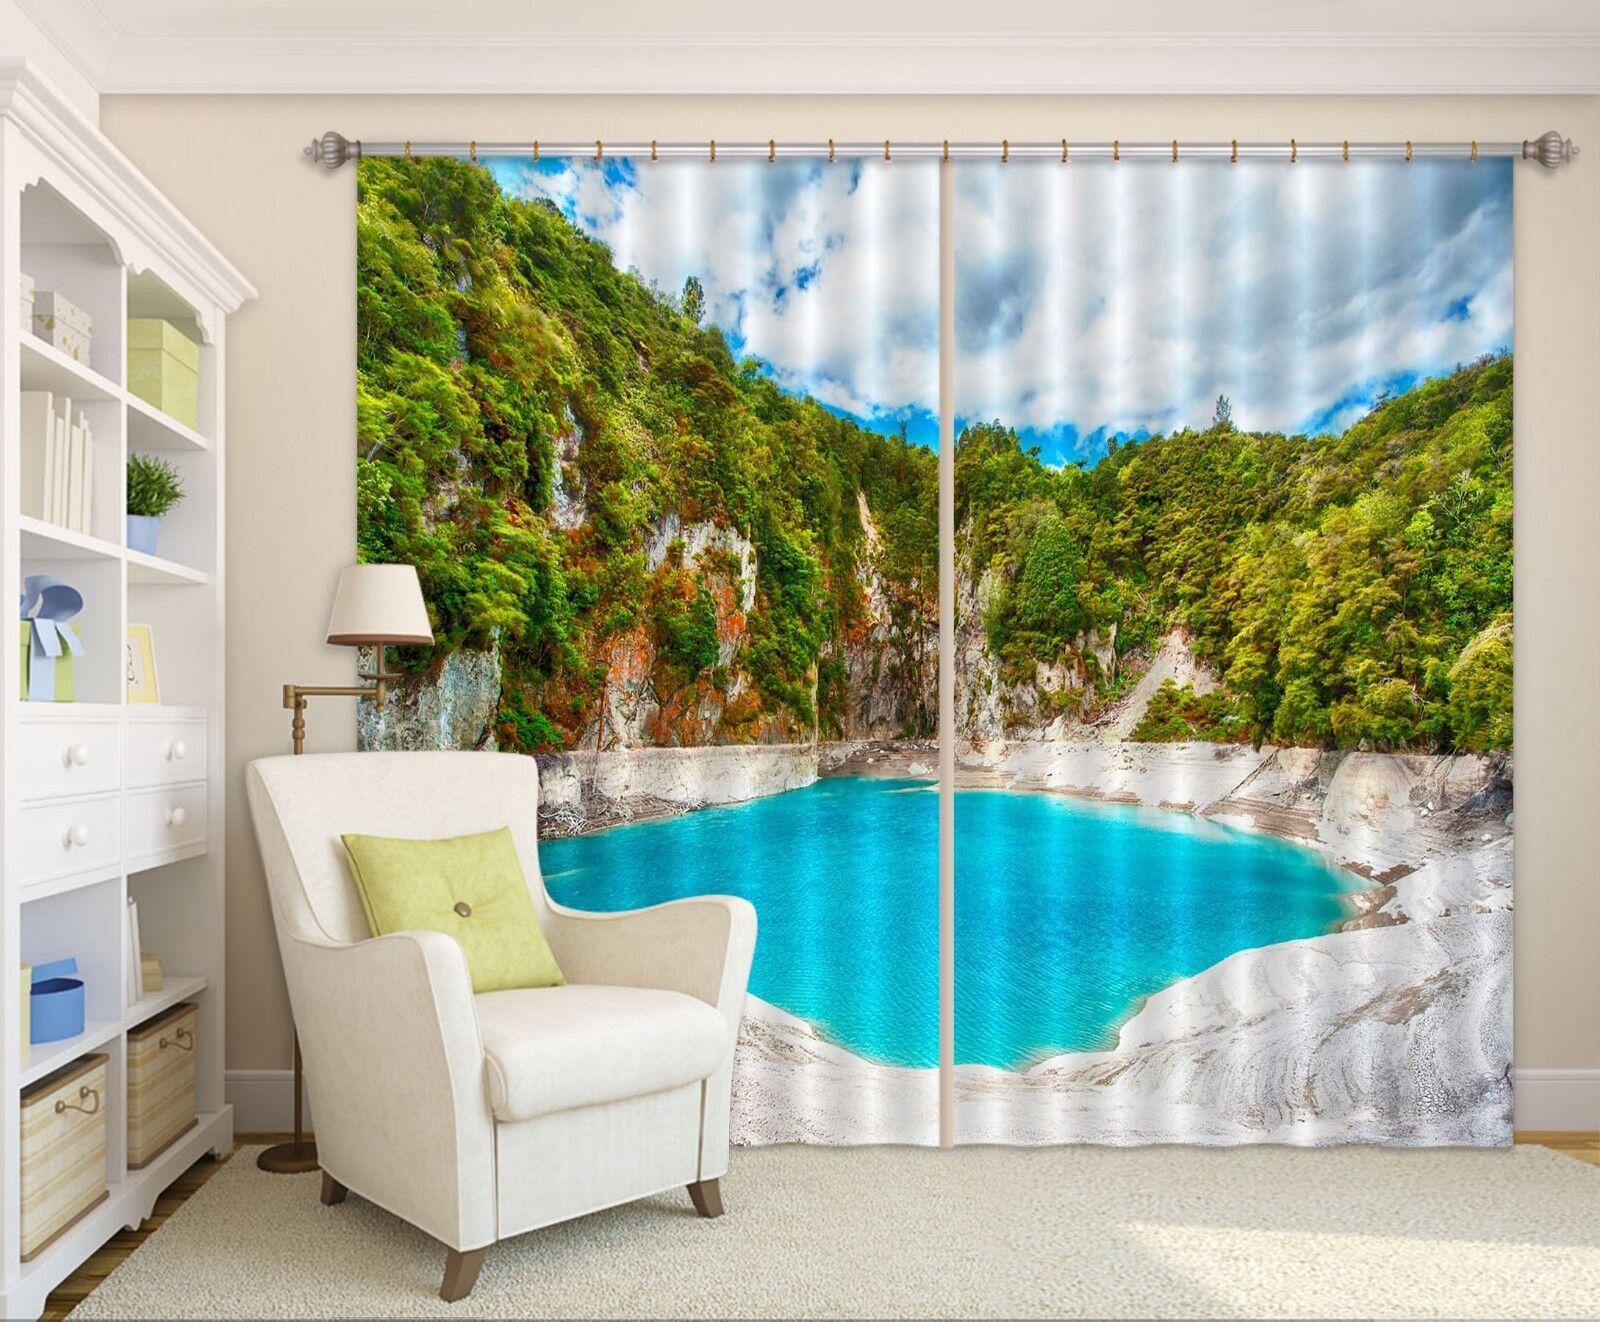 Grupo de montaje 3D Azul 01 Cortinas de impresión de cortina de foto Blockout Cortinas nos Limón